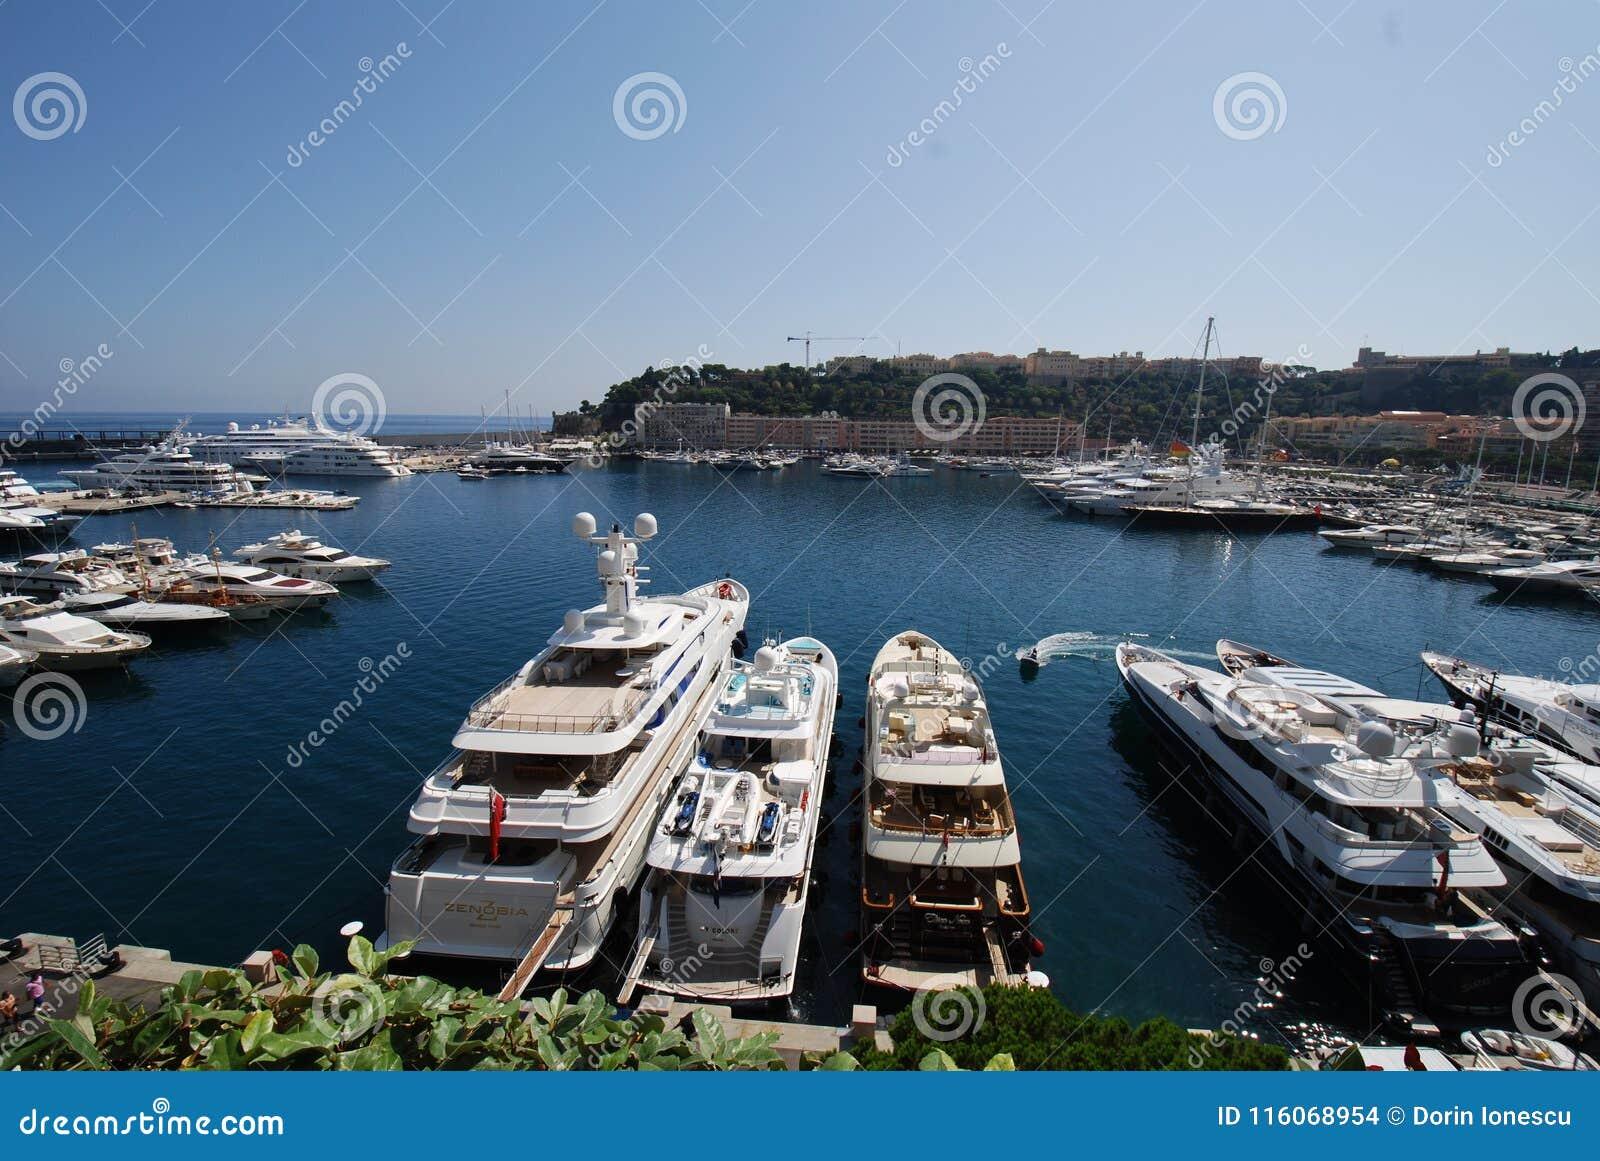 De Baai van Monaco, jachthaven, haven, dok, watermassa